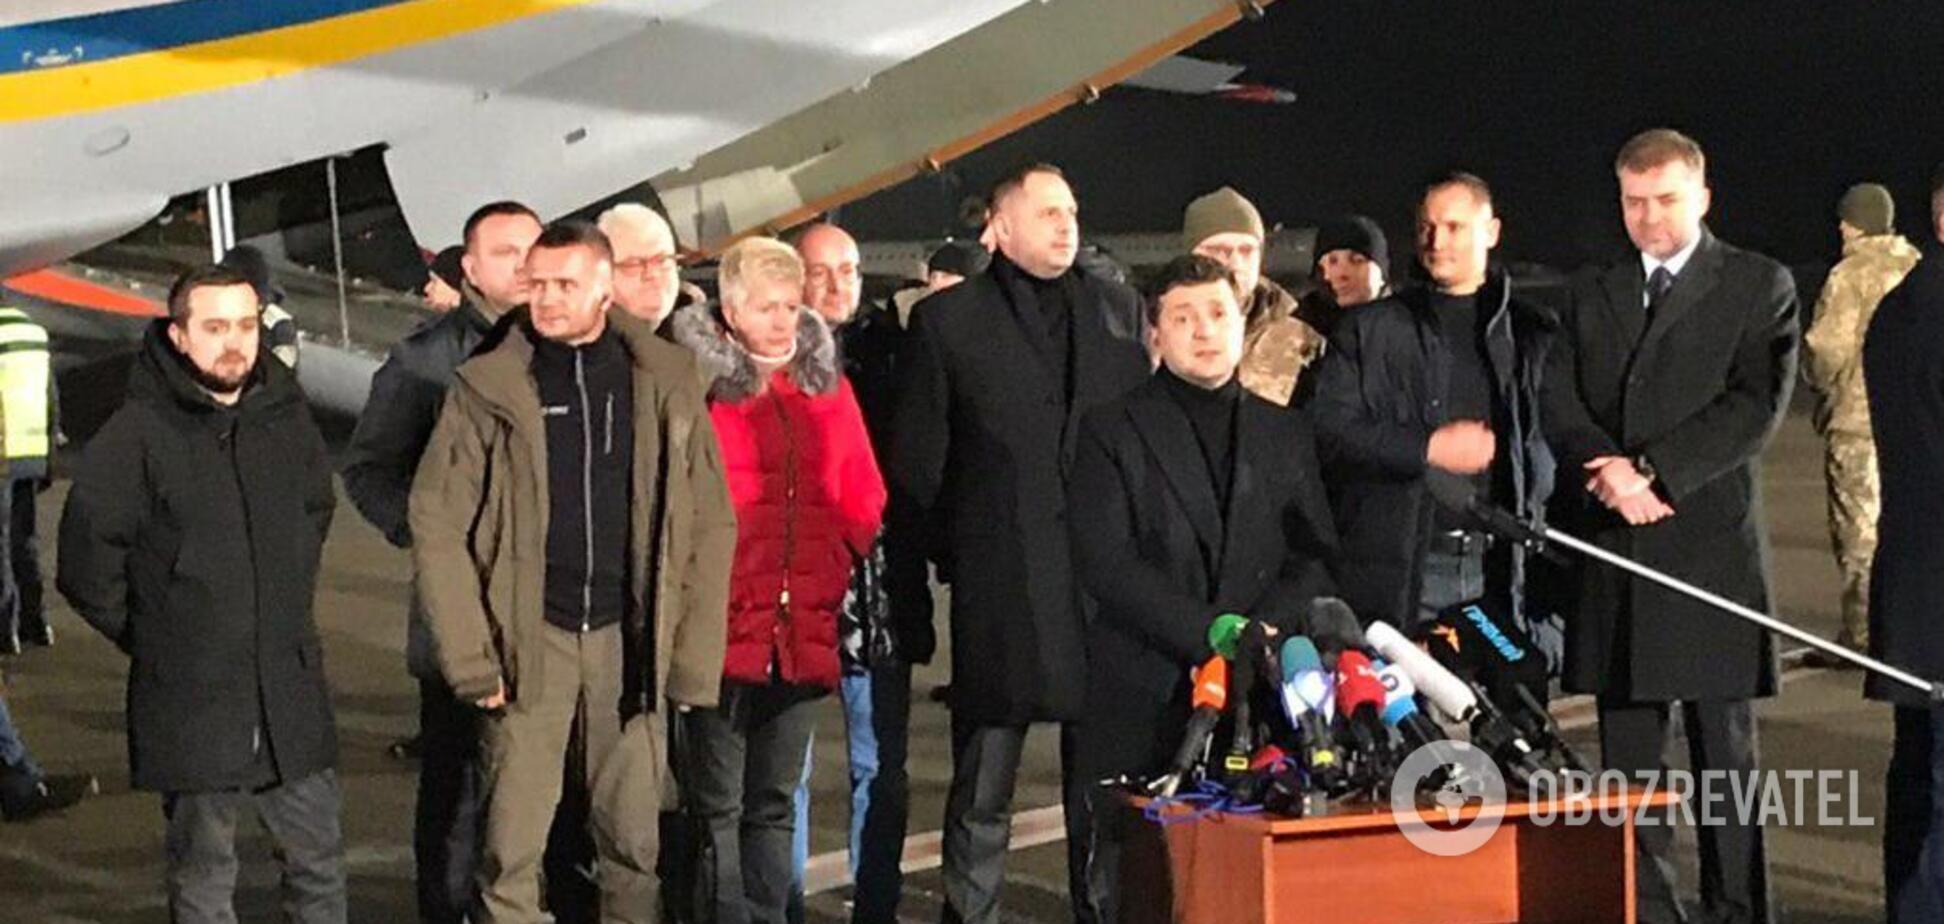 'Повернуться за ґрати': Зеленський зробив важливу заяву про обмін полоненими з 'Л/ДНР'